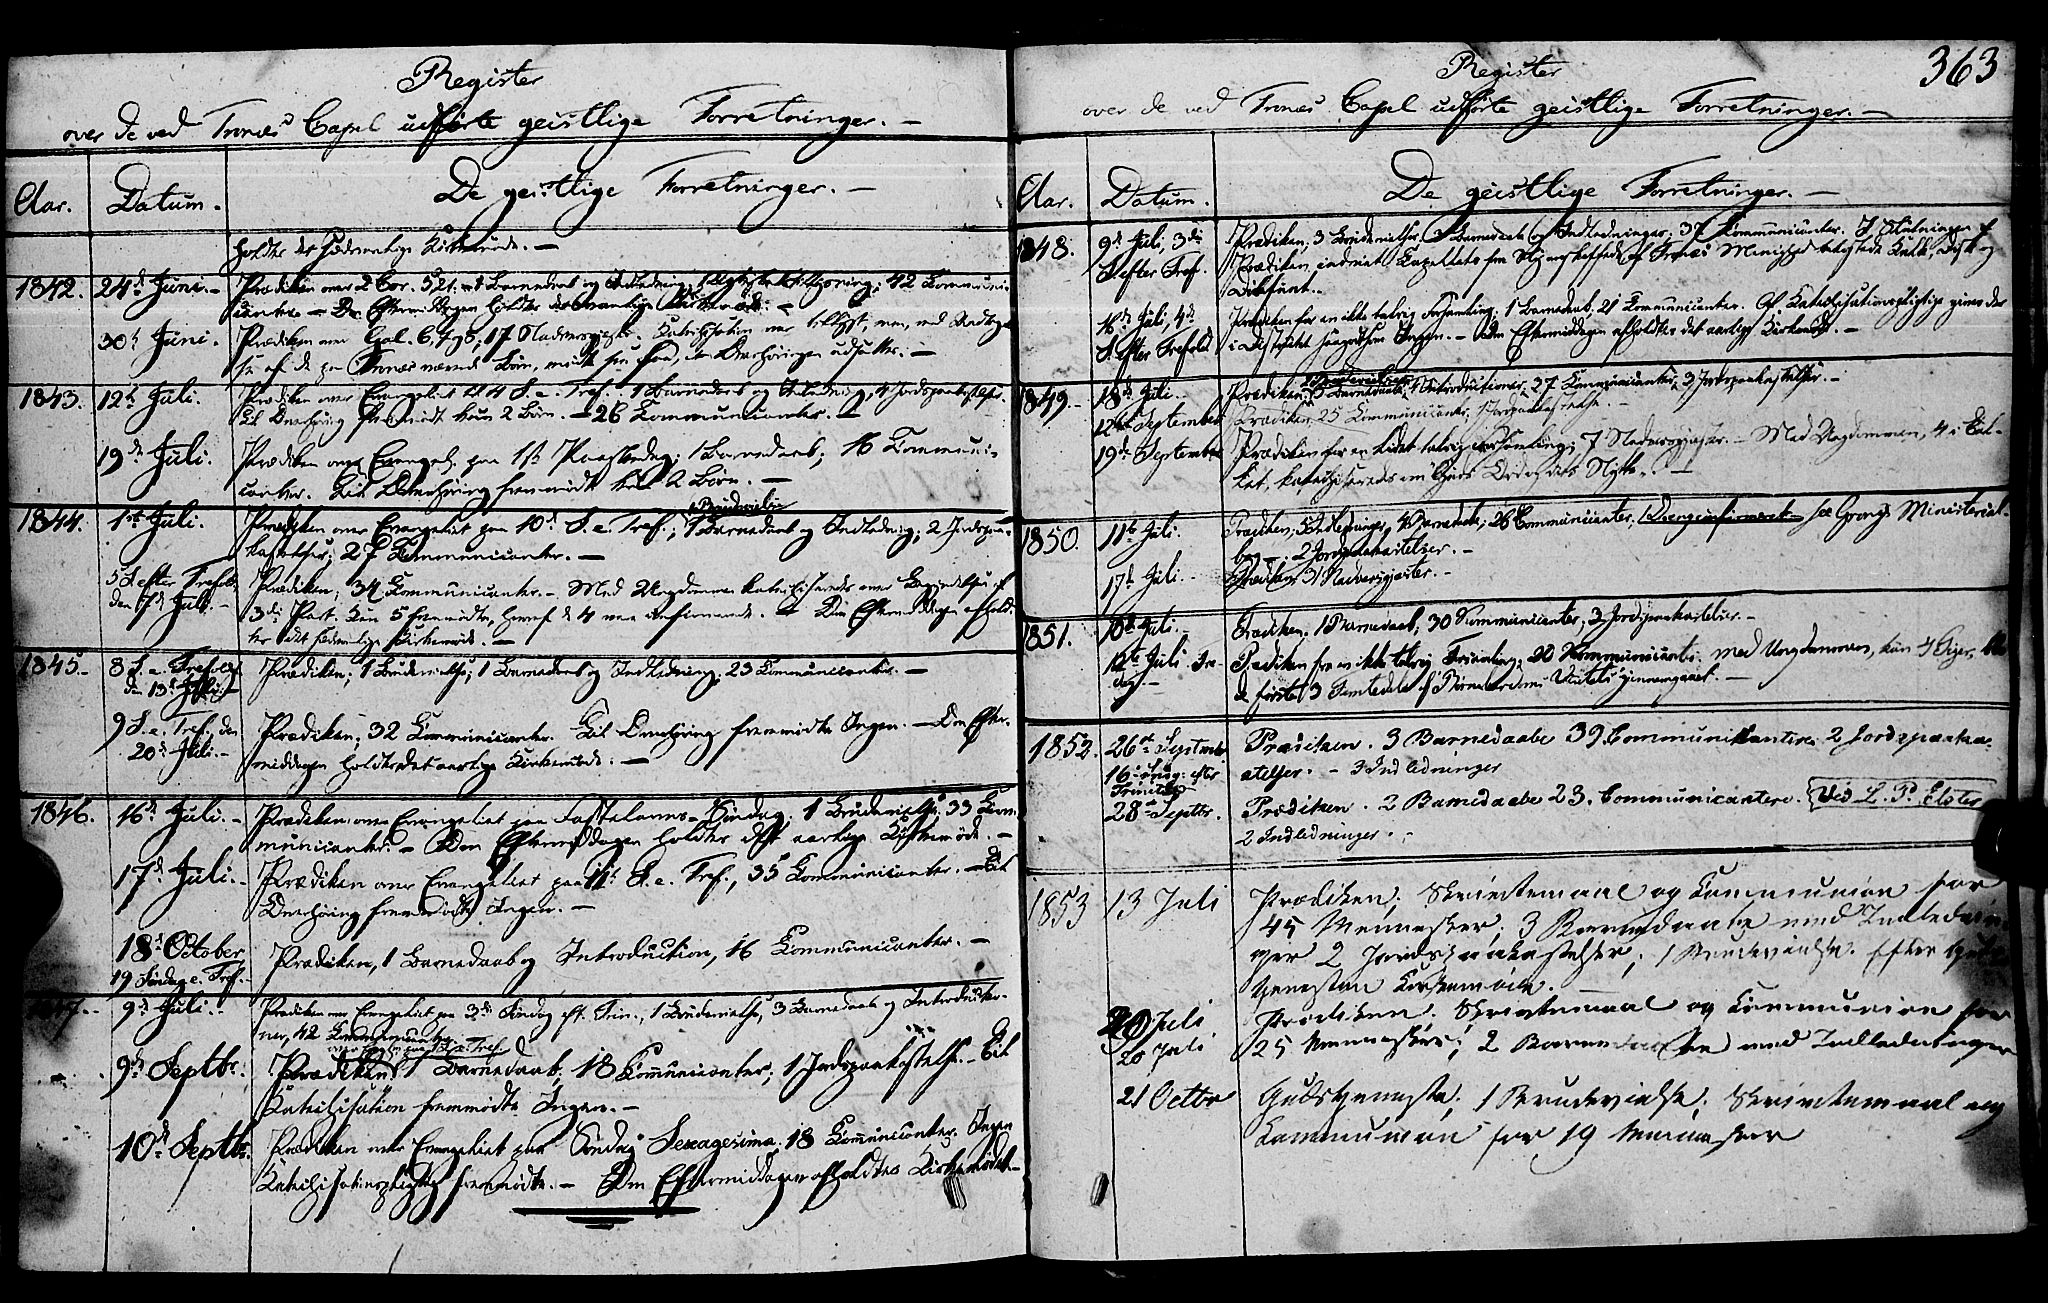 SAT, Ministerialprotokoller, klokkerbøker og fødselsregistre - Nord-Trøndelag, 762/L0538: Ministerialbok nr. 762A02 /2, 1833-1879, s. 363